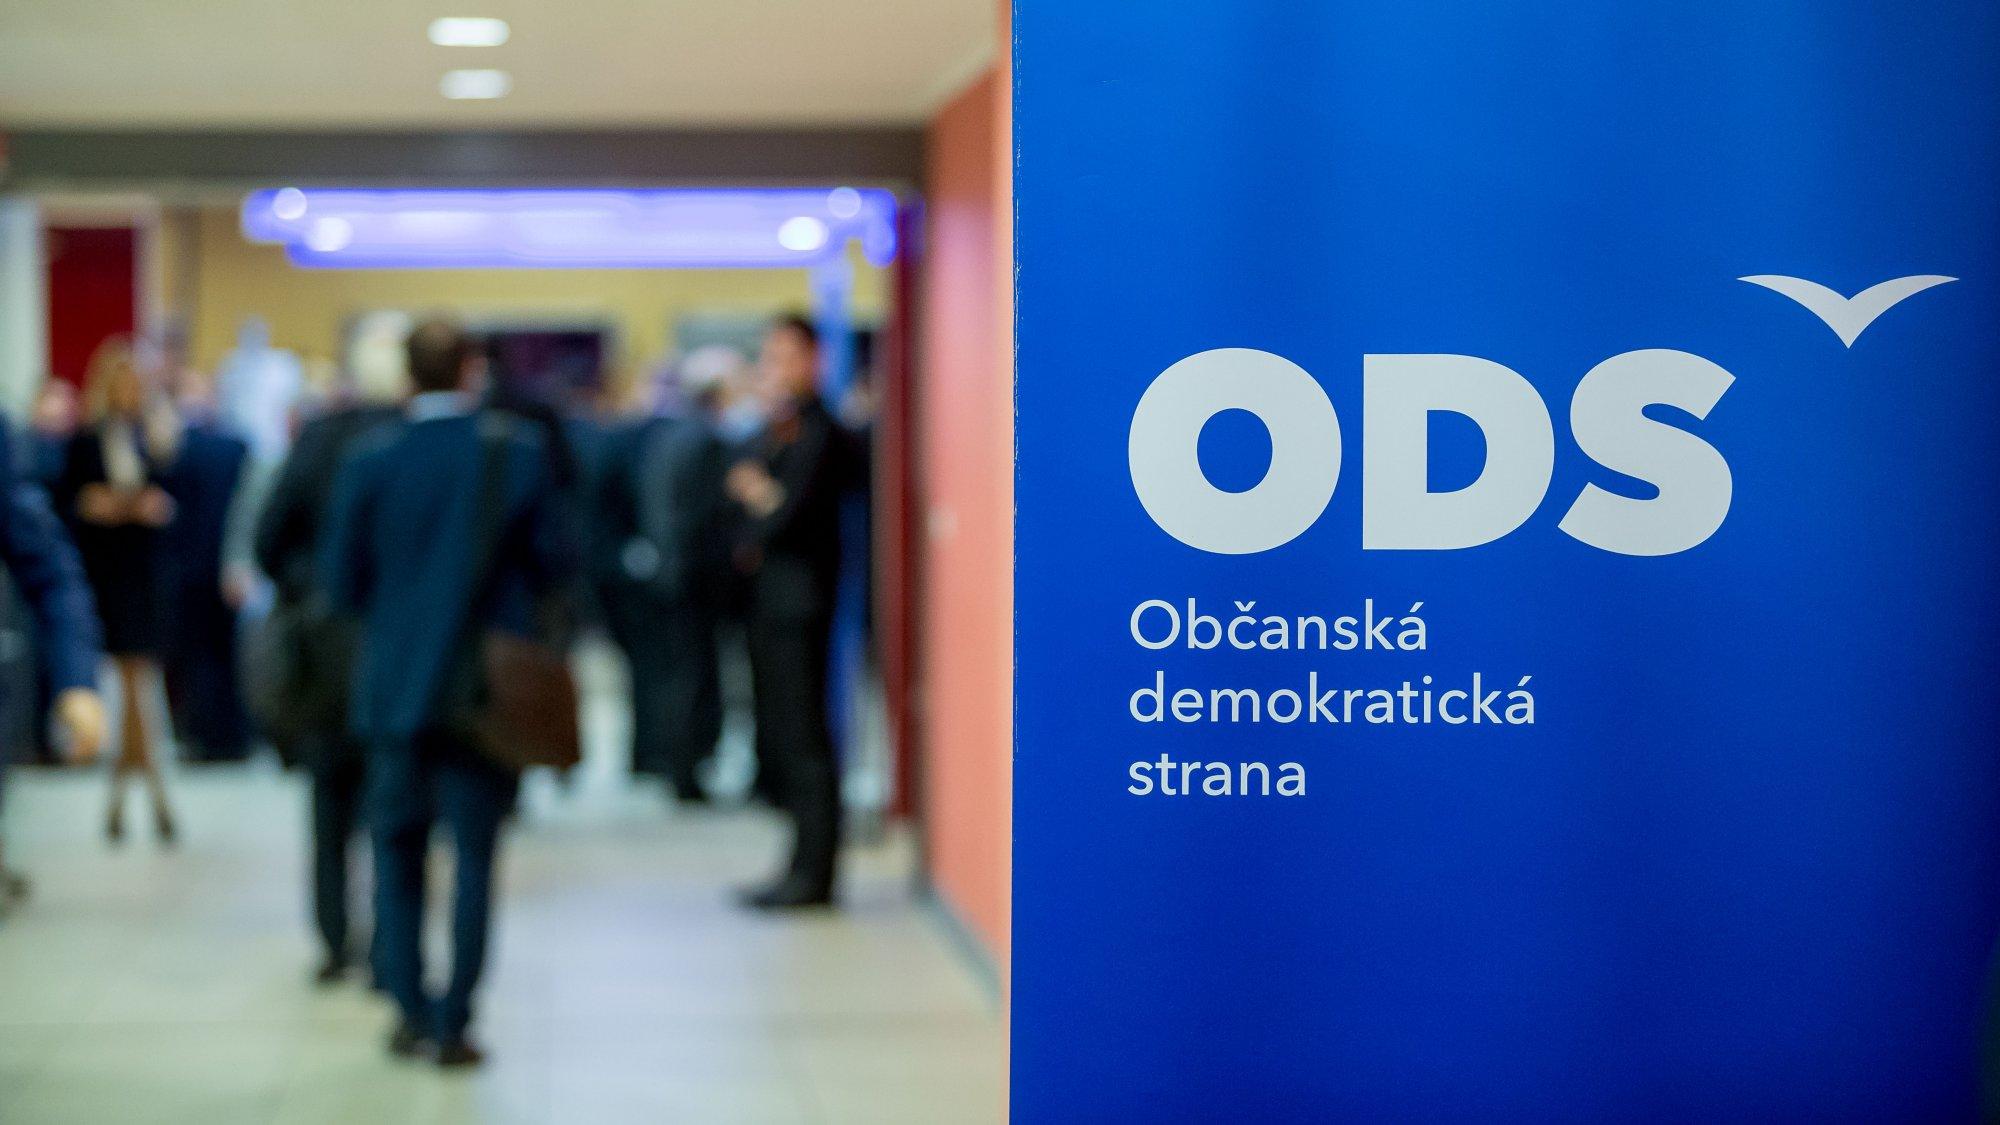 Výkonná rada ODS schválila koaliční smlouvu, program a kandidátky pro letošní sněmovní volby